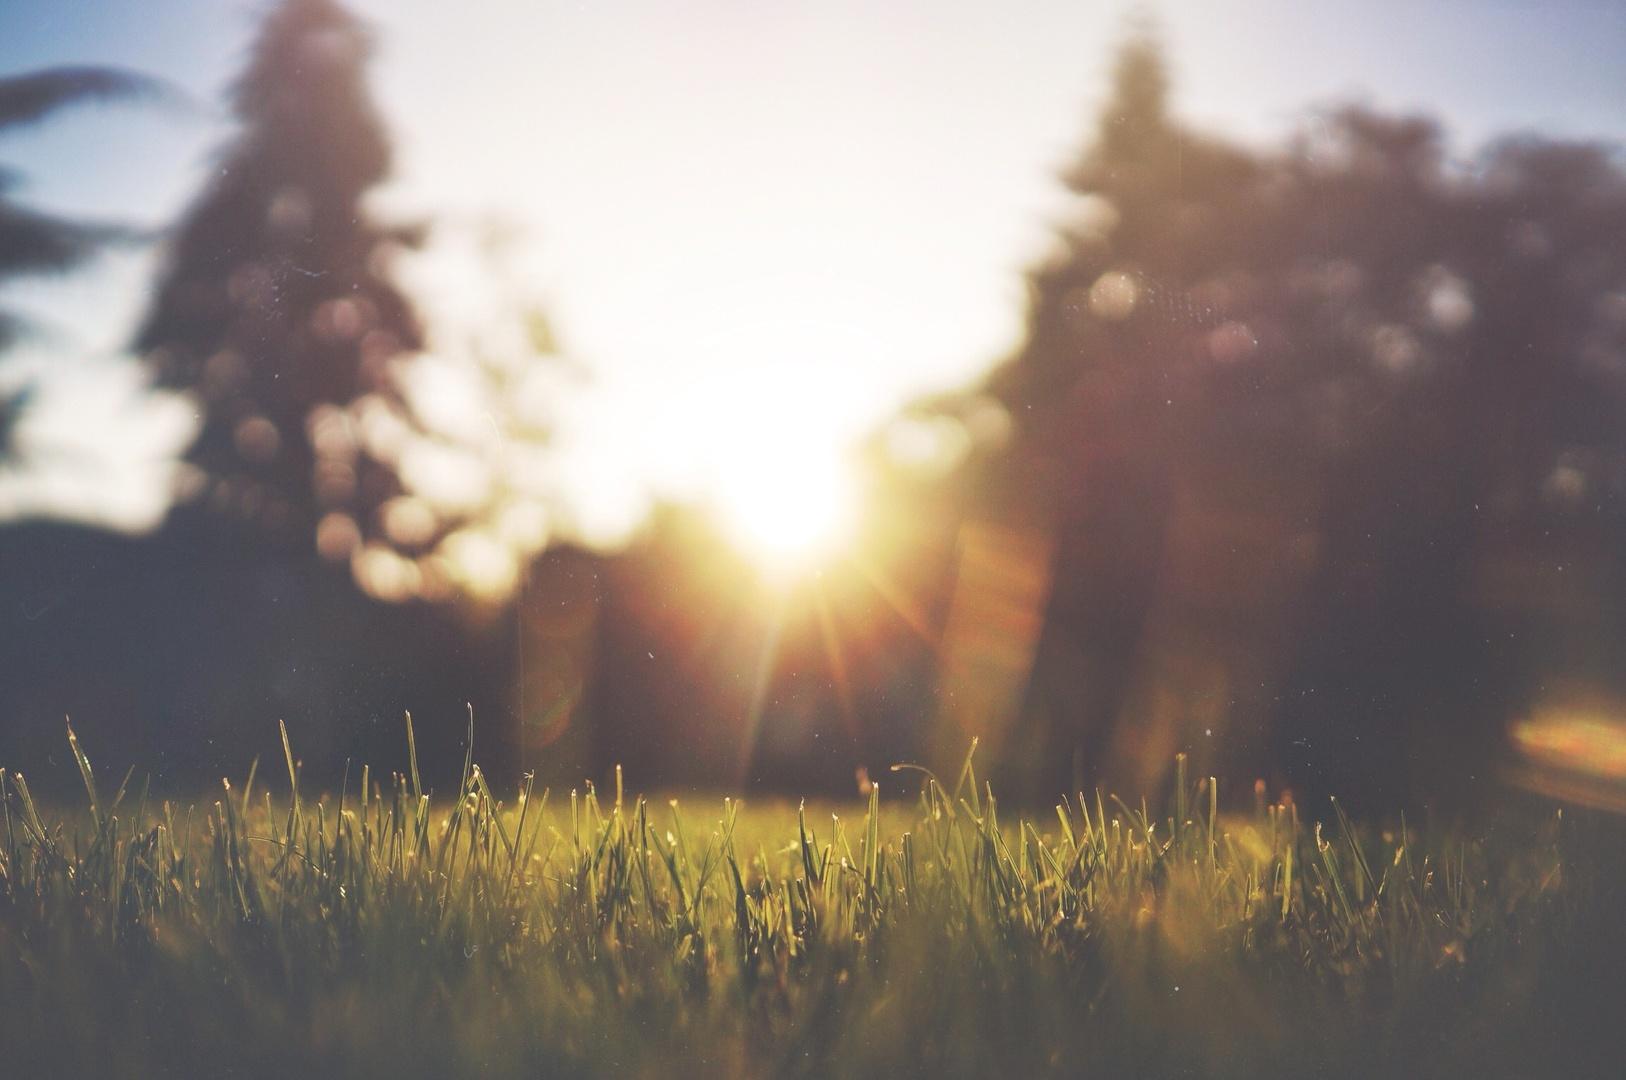 美国德克萨斯州立大学研究报告显示:负氧离子对人体有33种功效